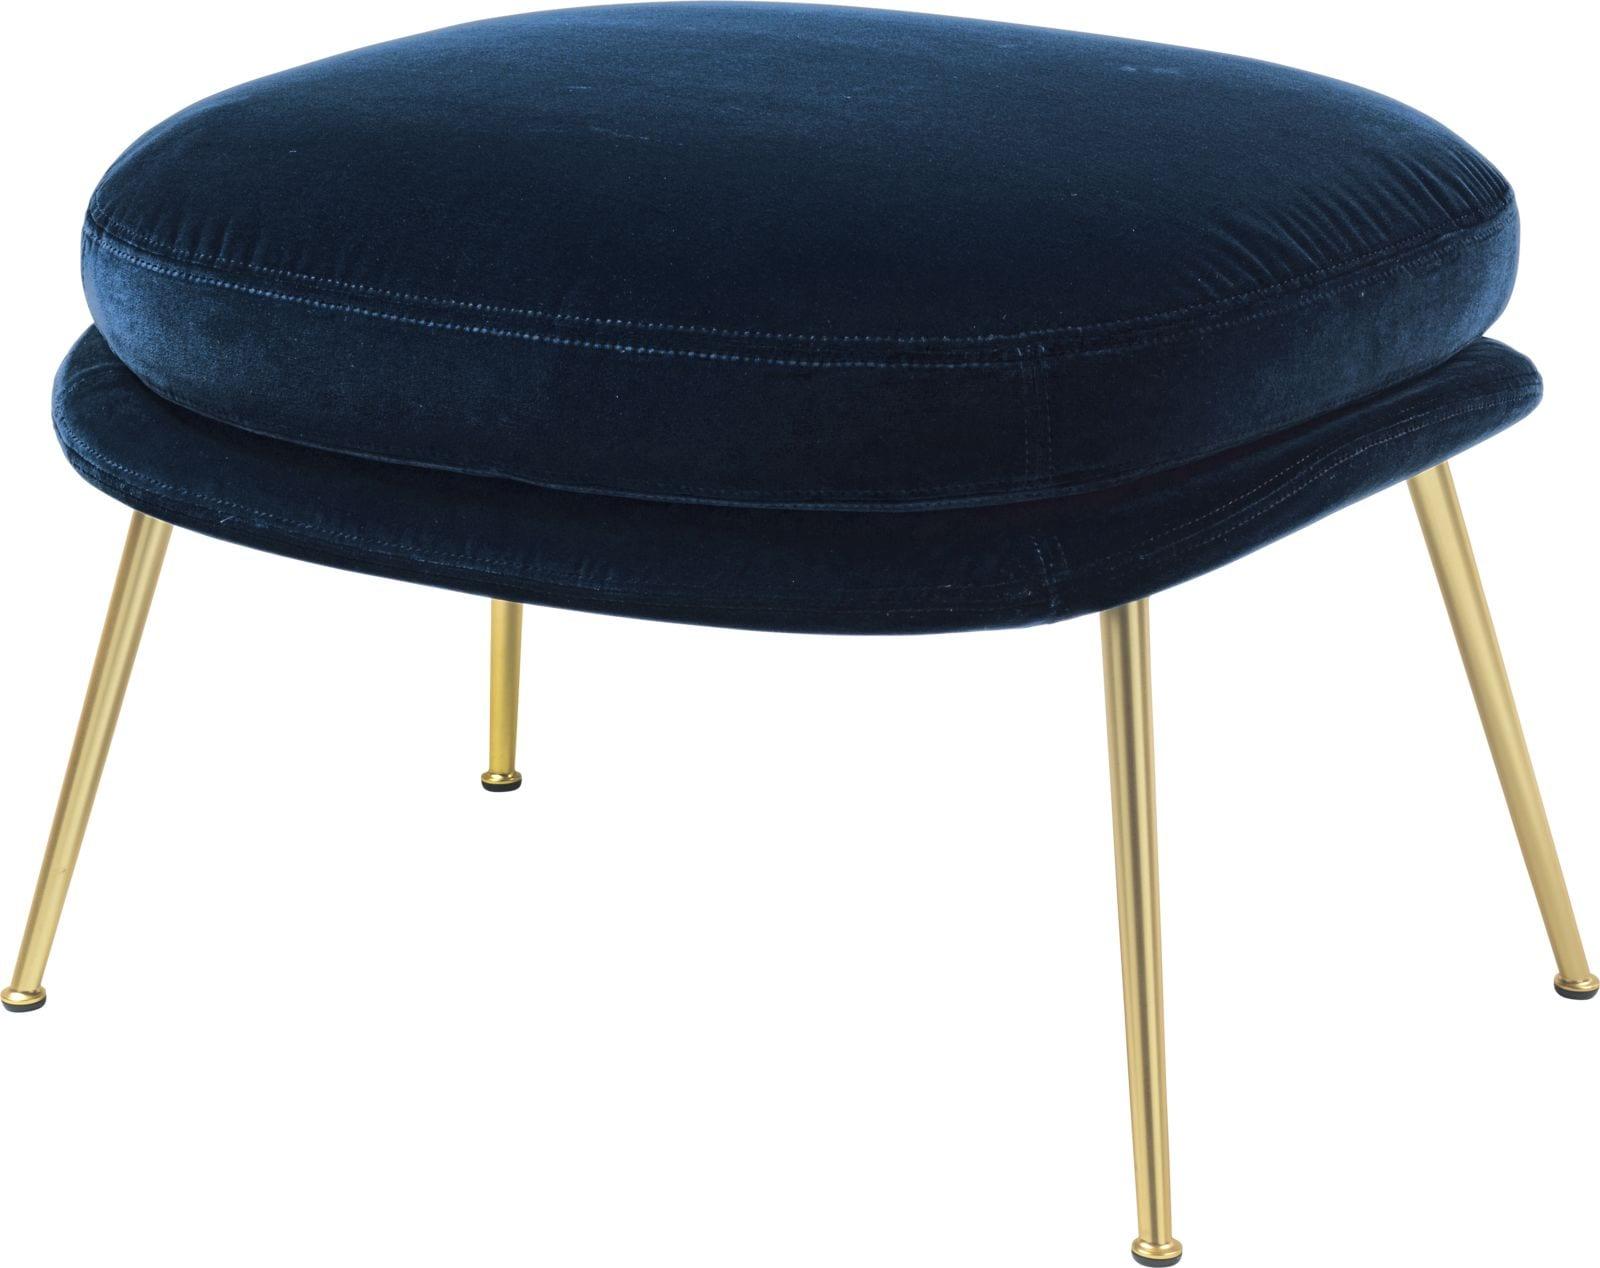 כסאות מעוצבים בצבע כחול - GUBI